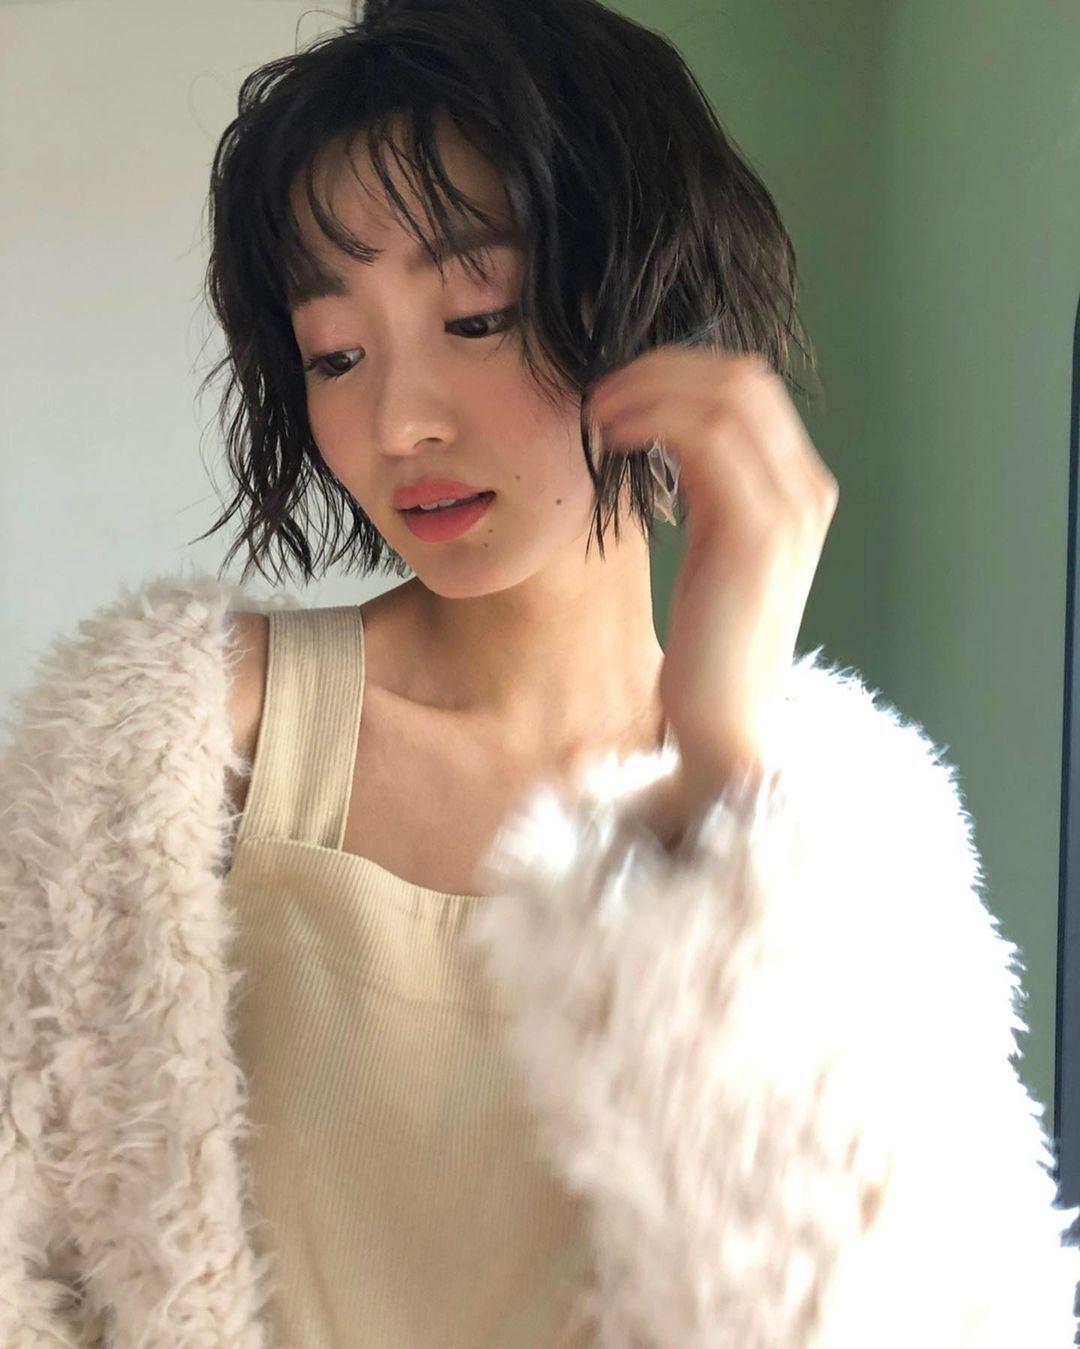 日系时尚杂志模特冈崎纱绘清甜笑容亲和力十足完全就是女友理想型 网络美女 第33张